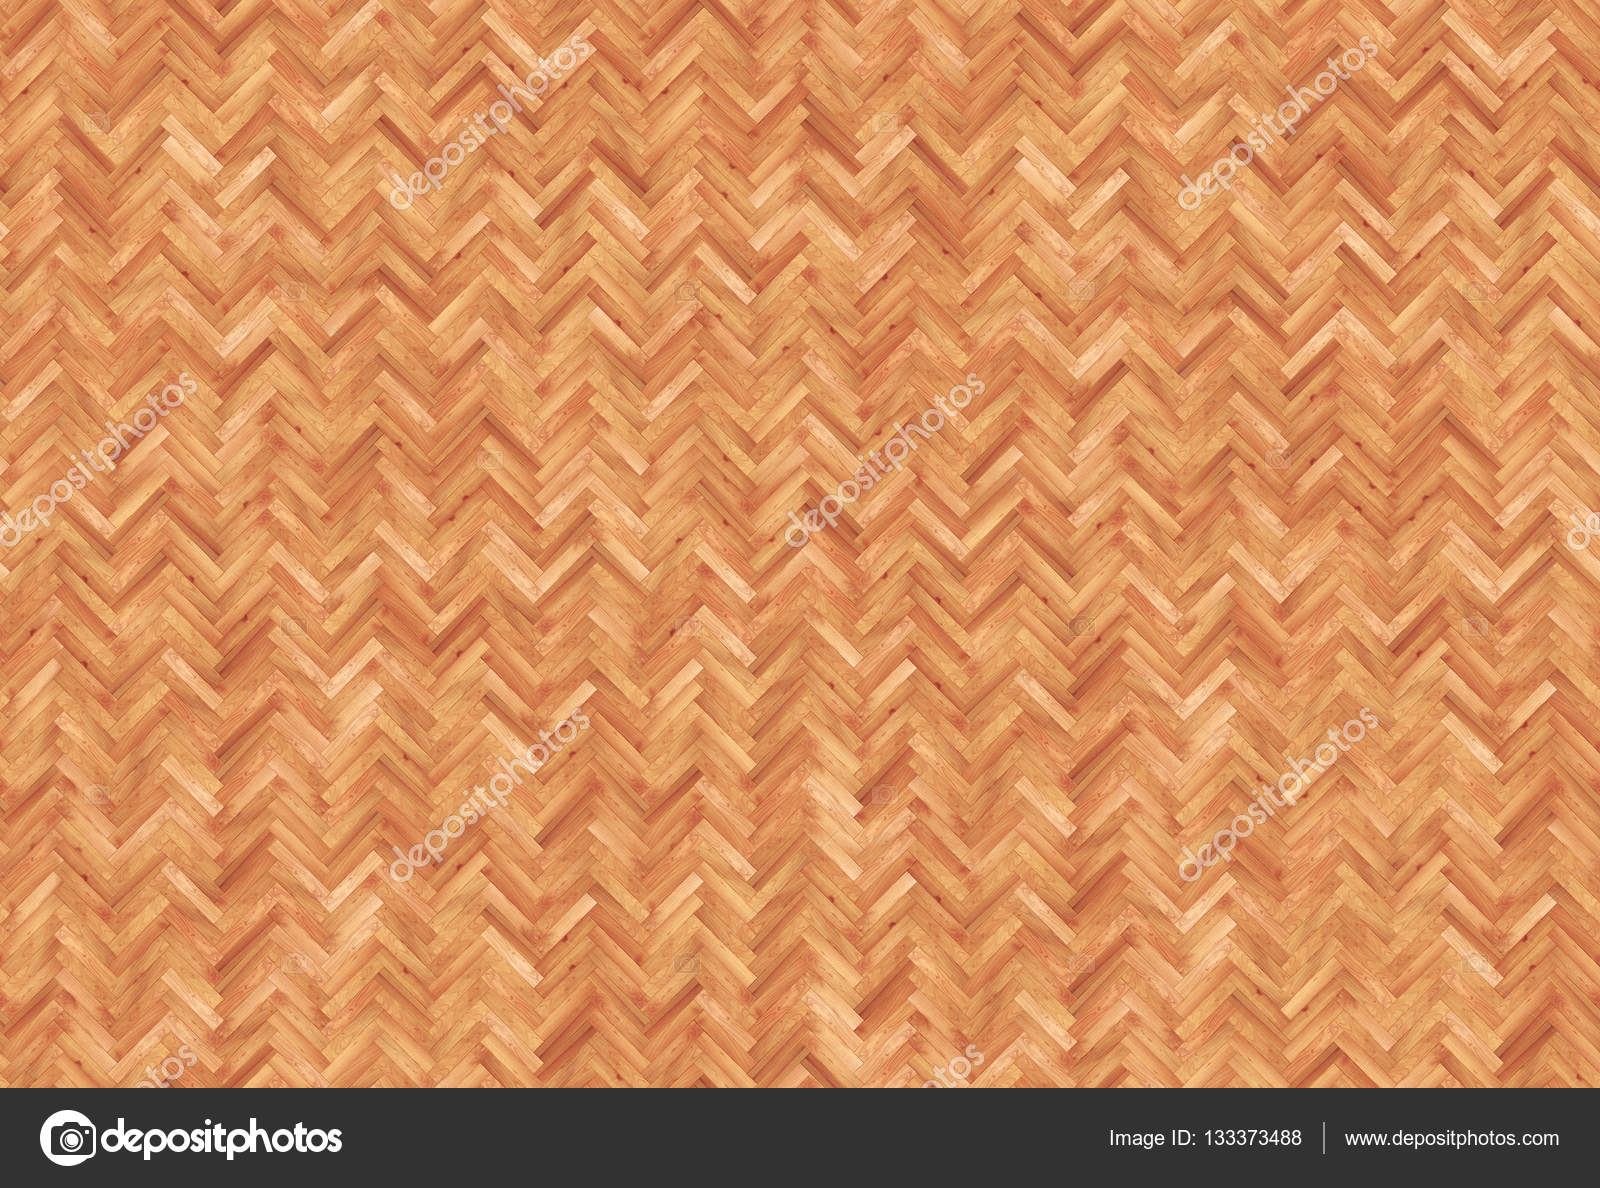 Fischgrät parkett muster  Textur Fischgrat Muster Parkett — Stockfoto #133373488